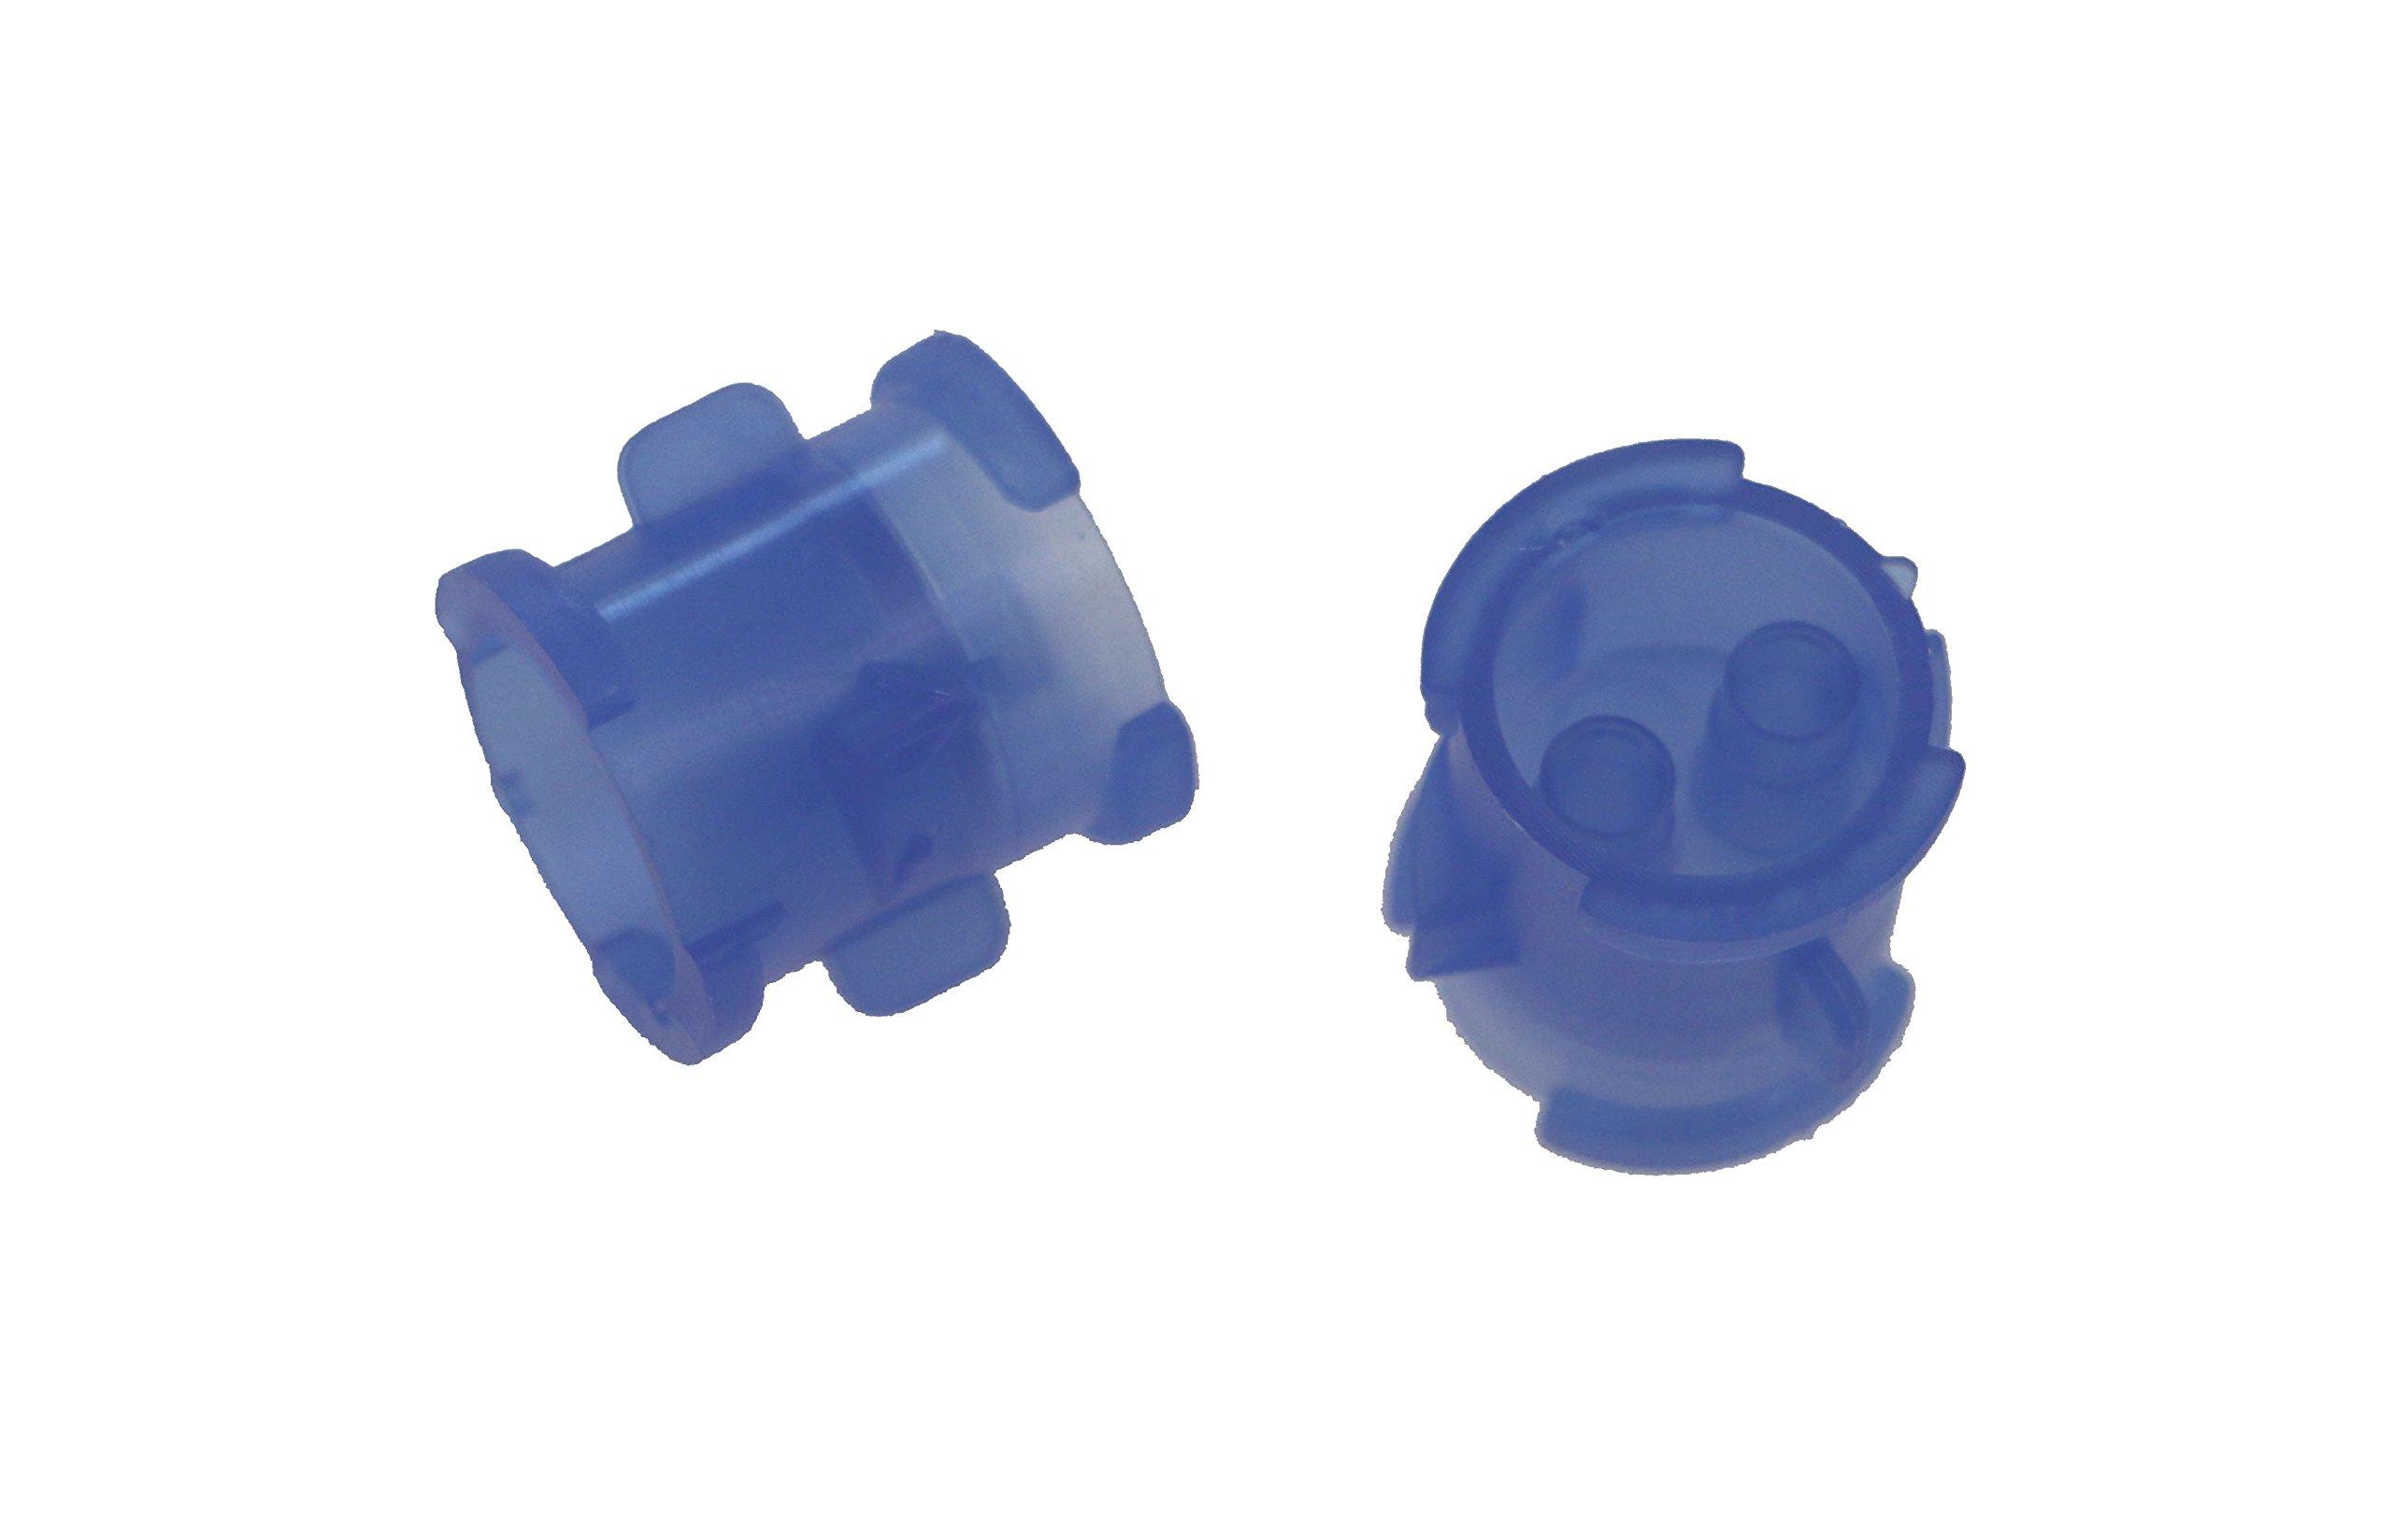 Affordable Dental Products 72L Lock-N-Reload 50ml Dental PVS Impression Cartridge Coupler, Blue (Pack of 20)